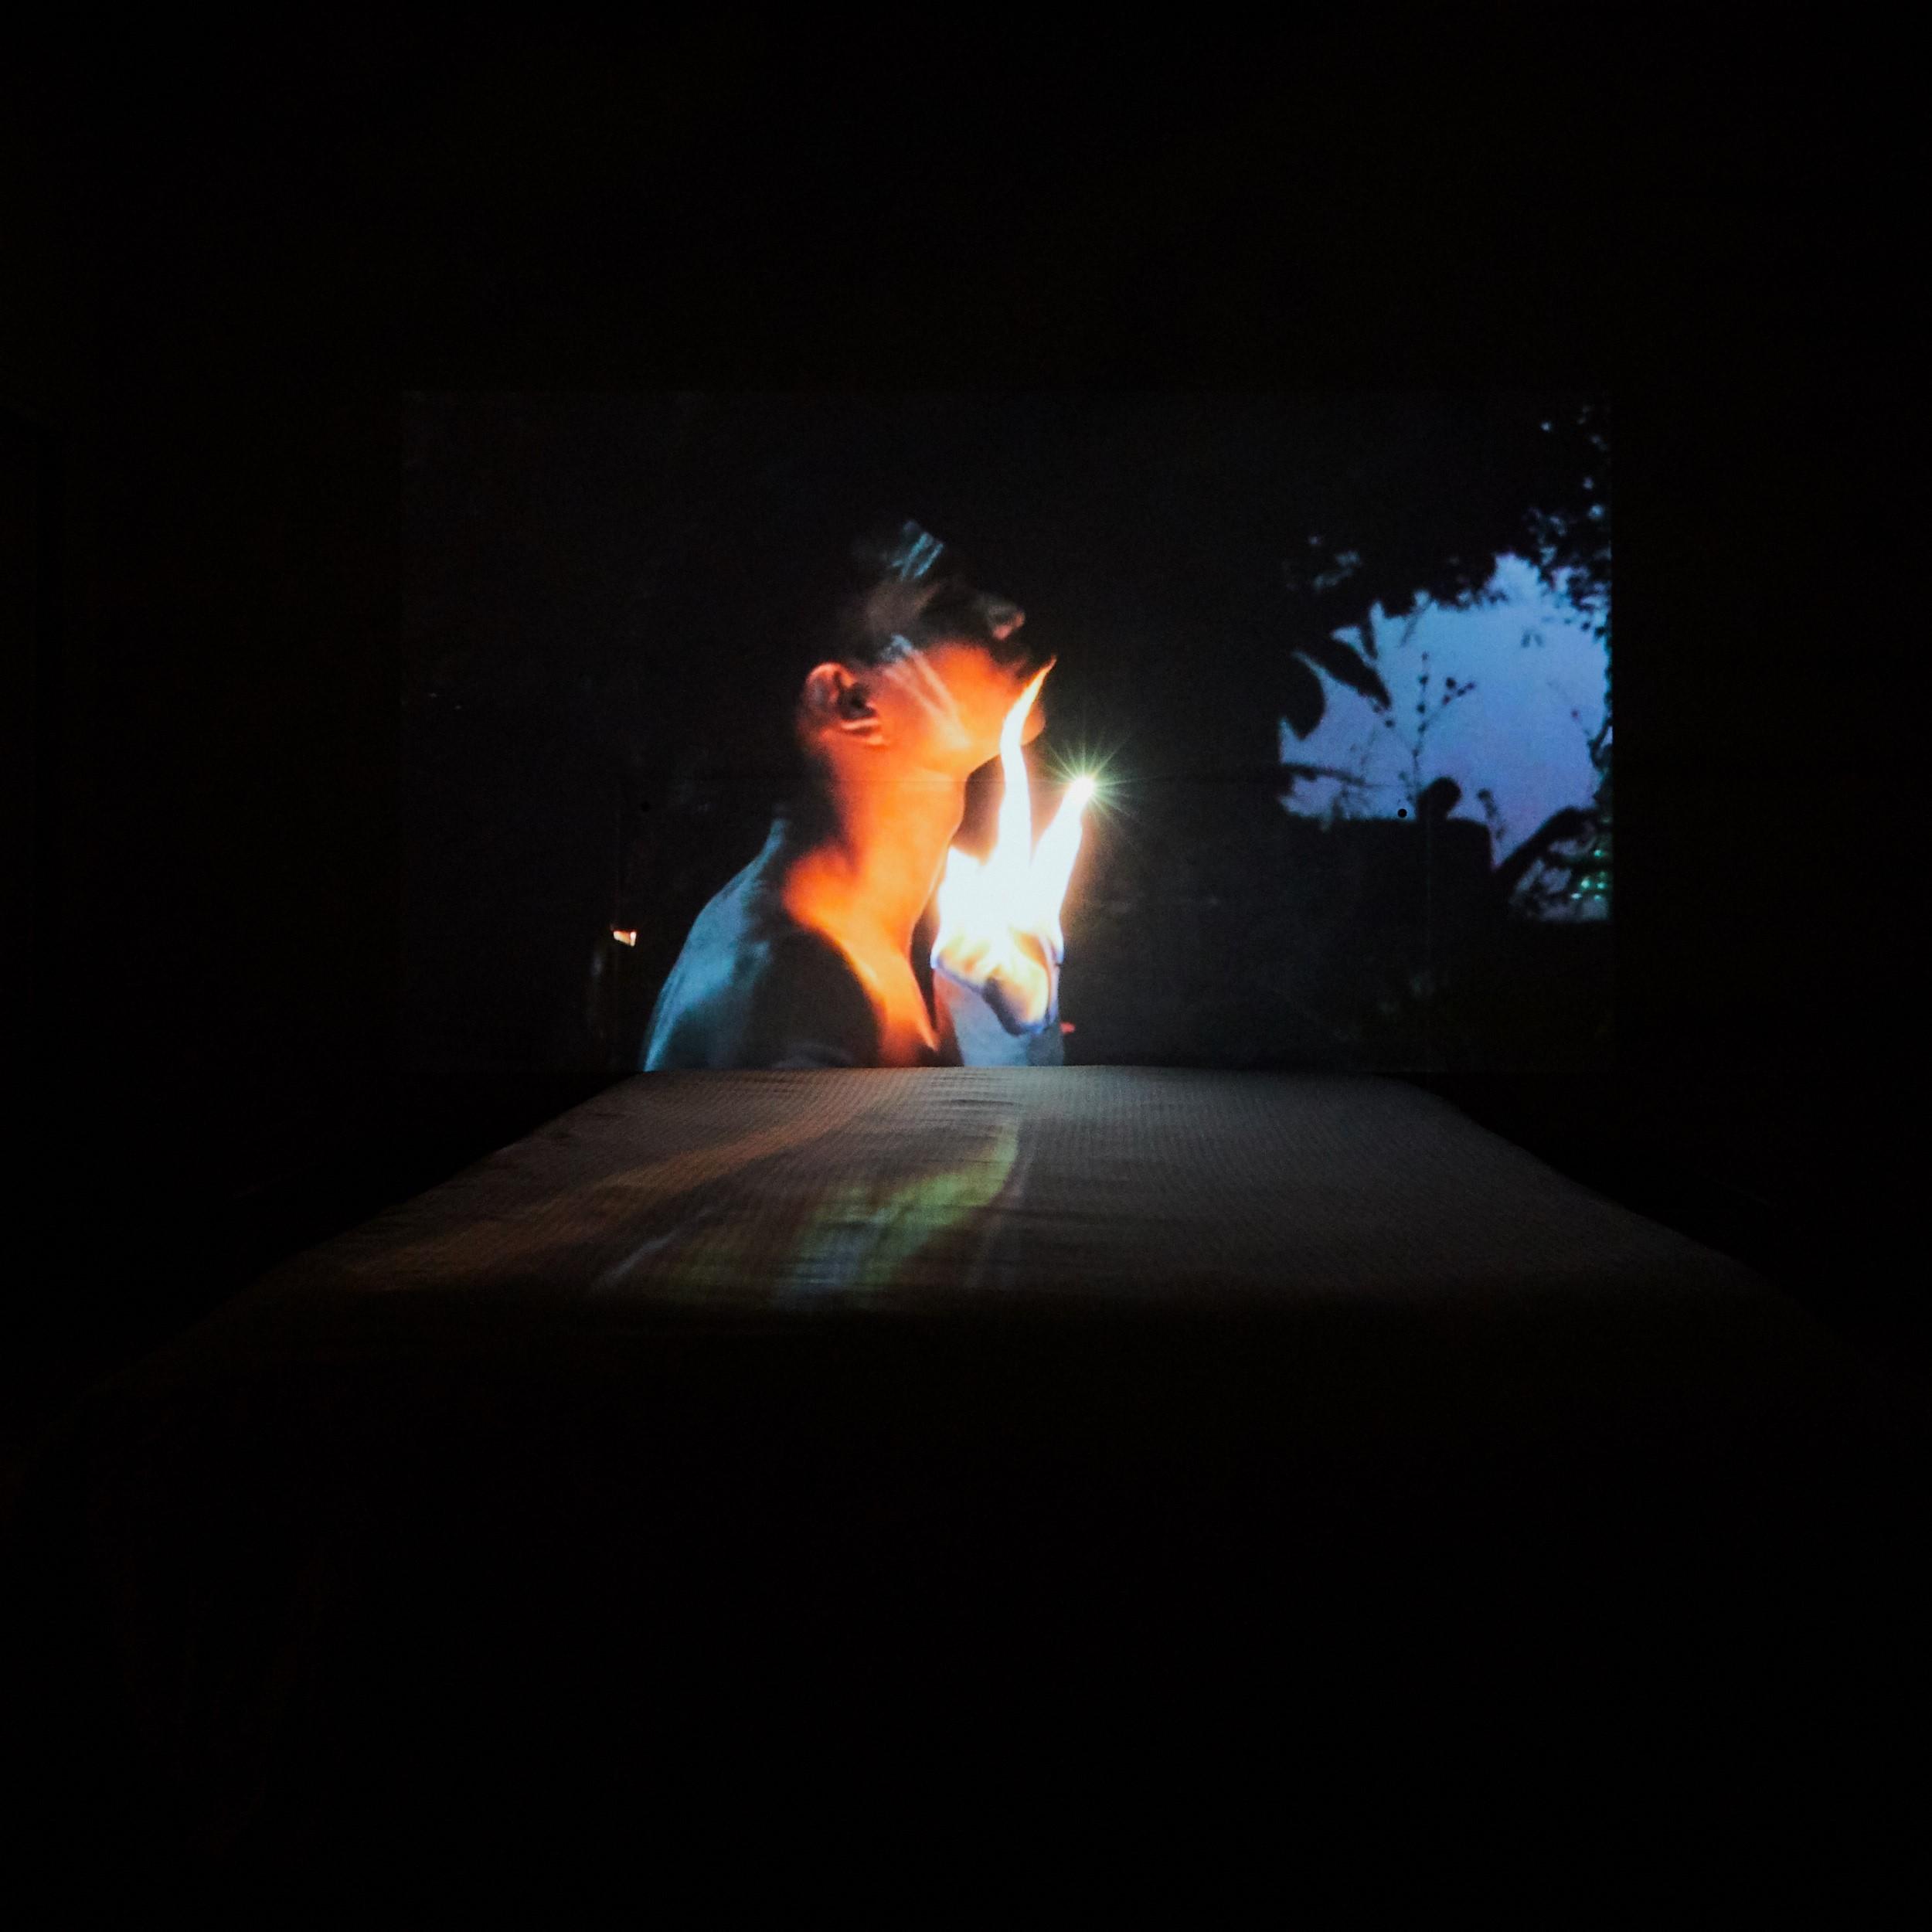 @Galerie ARTi, Andre Fortino